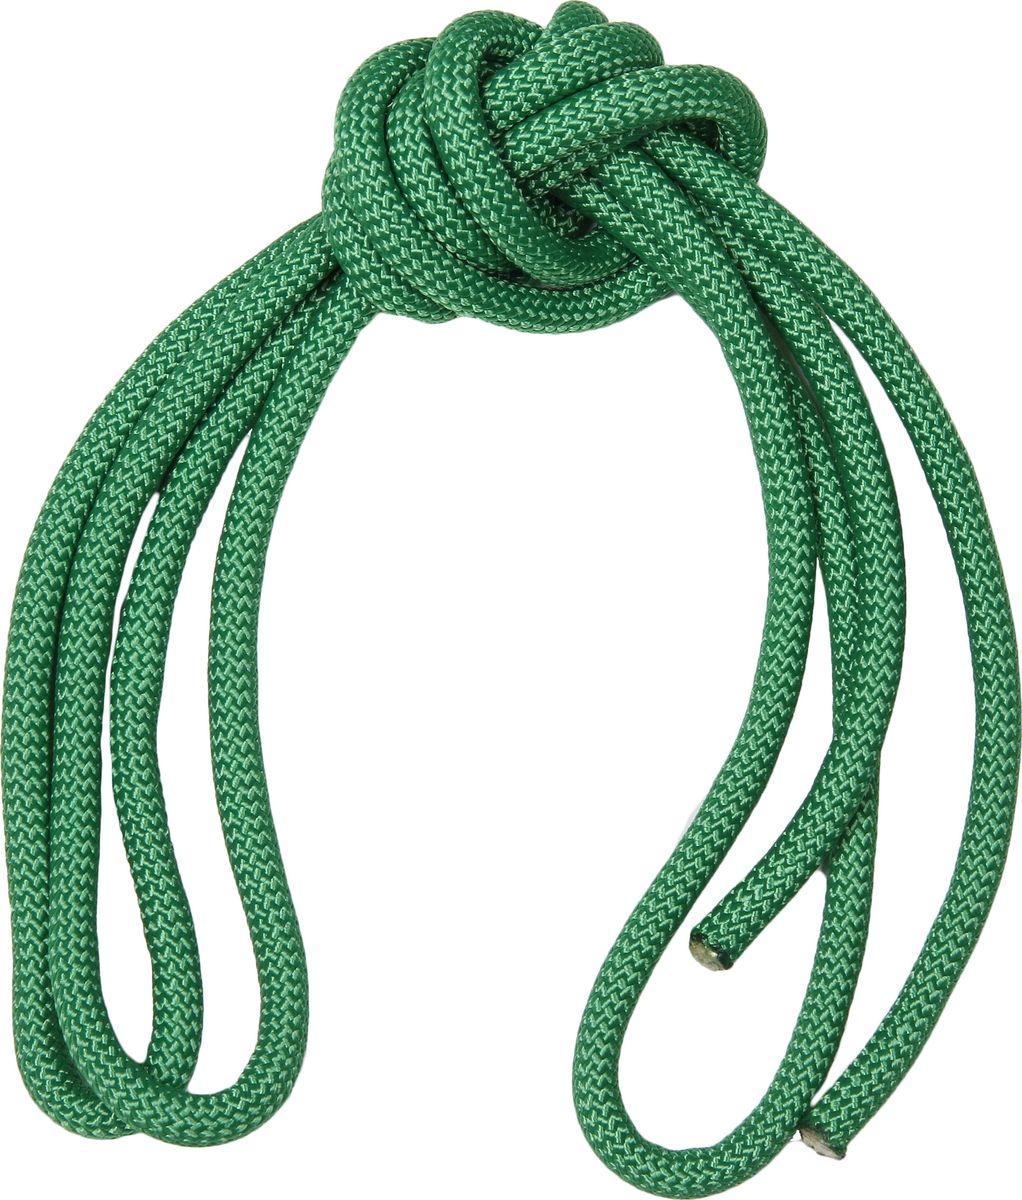 """Скакалка гимнастическая """"Indigo"""", утяжеленная, цвет: зеленый, 2,5 м"""